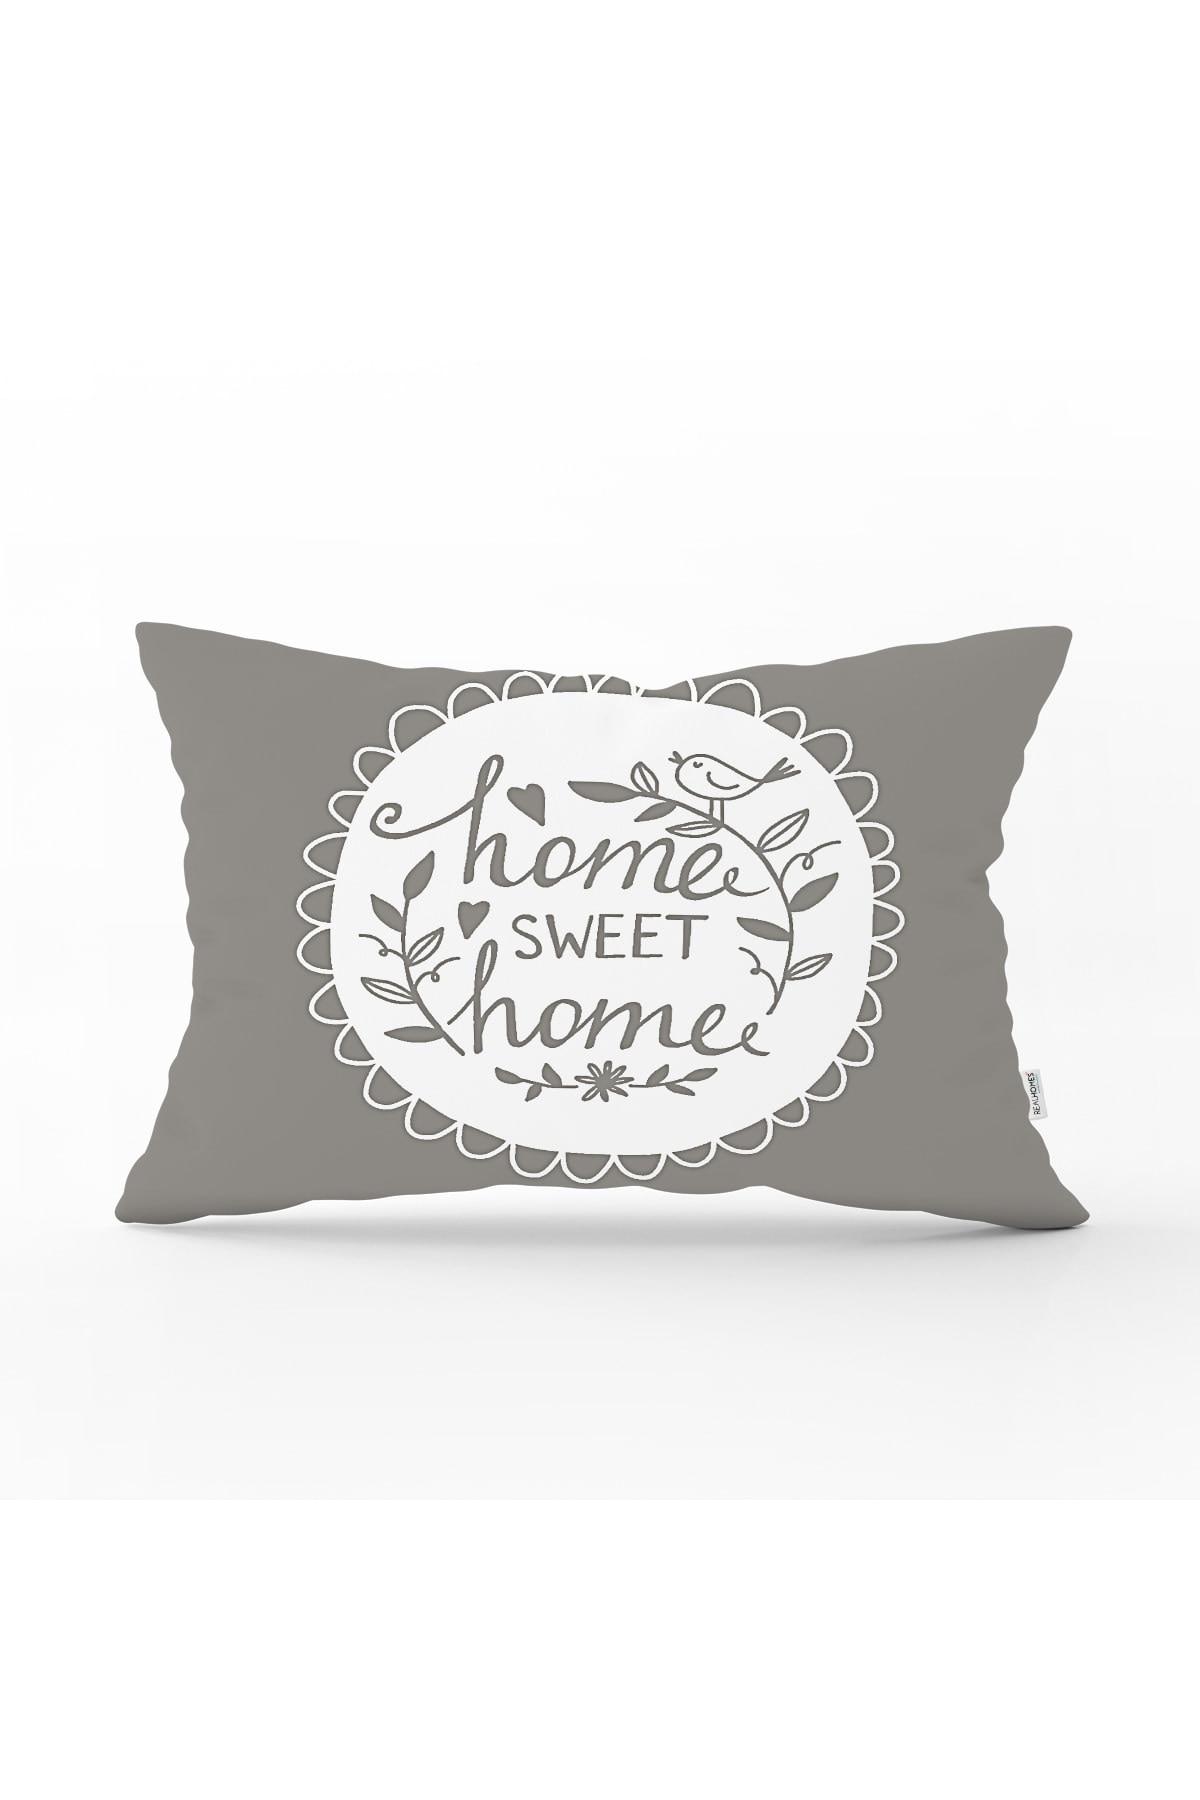 غطاء وسادة مستطيل مزخرف ، غطاء وسادة مطبوع رقميًا للمنزل ، سيغير هذا المنتج منزلك